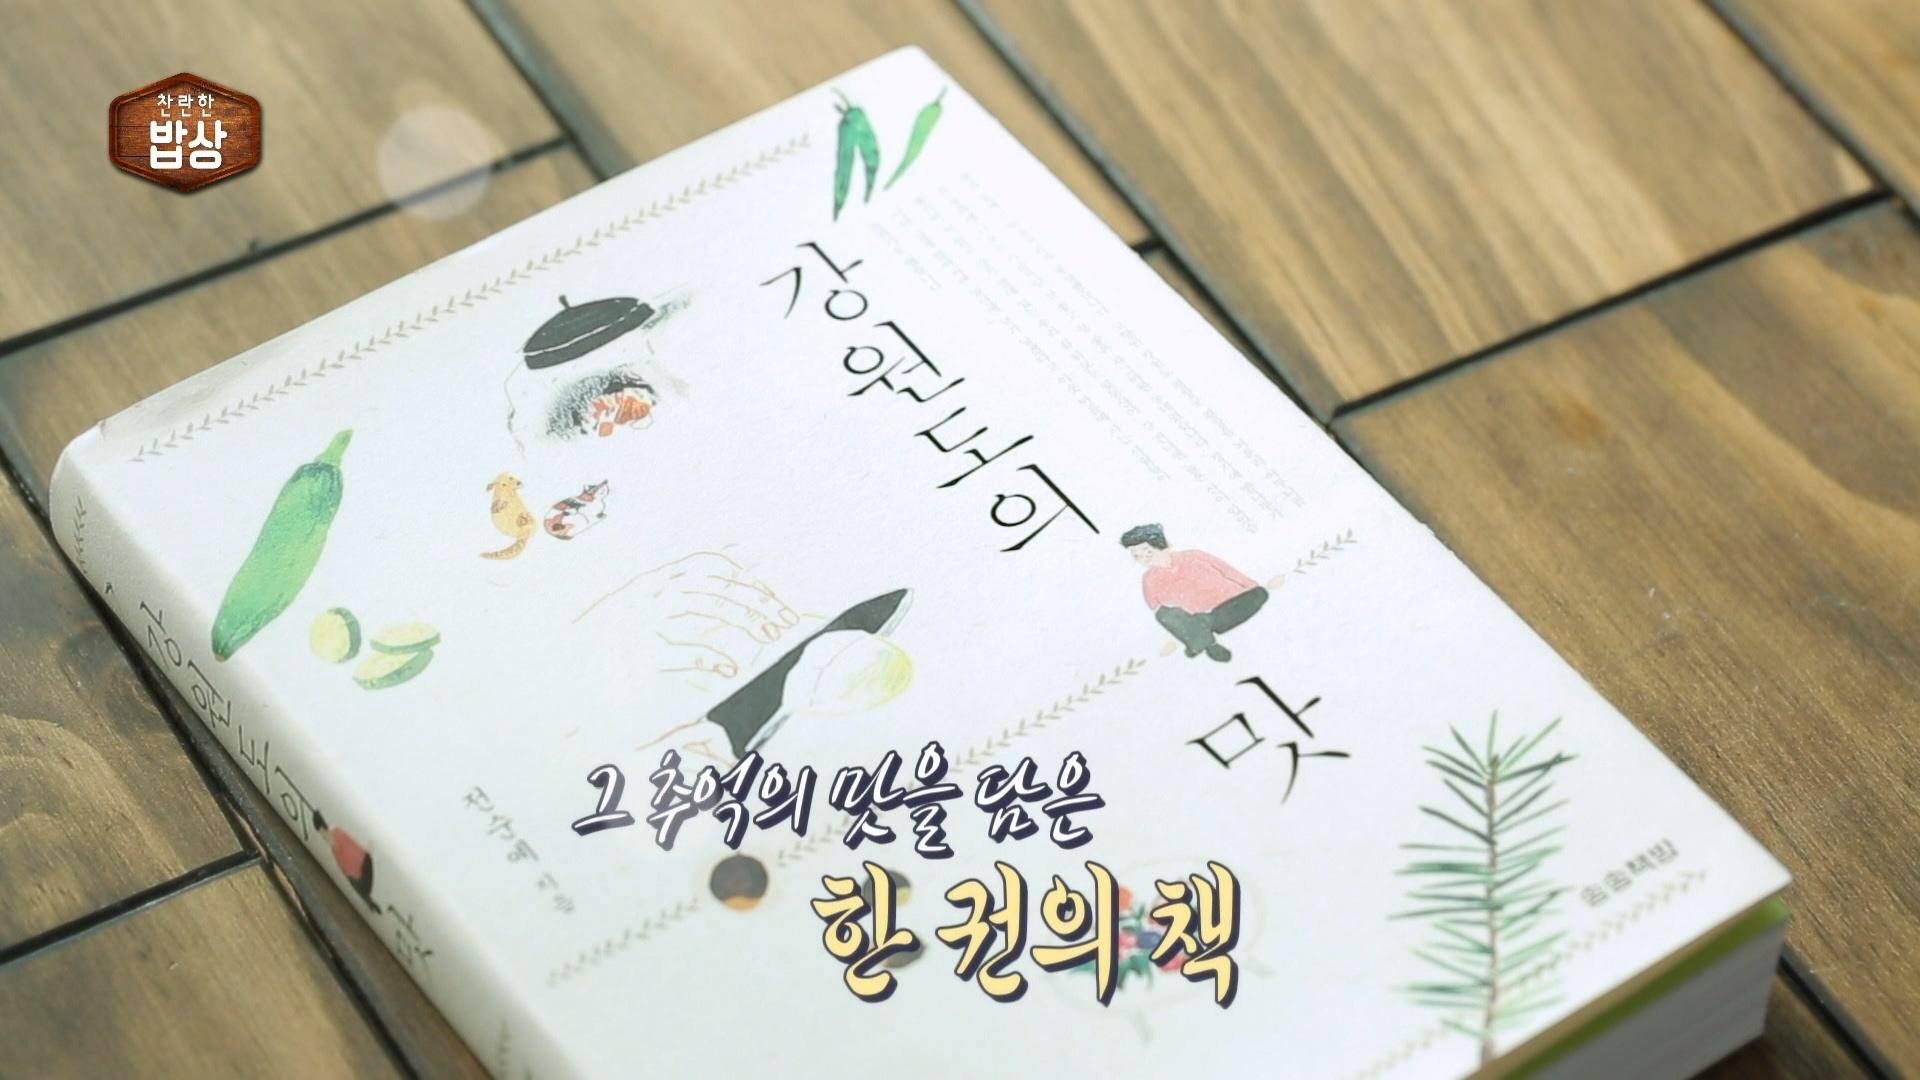 NBPBA0029_찬란한밥상29회.mpg_20190207_142532.068.jpg